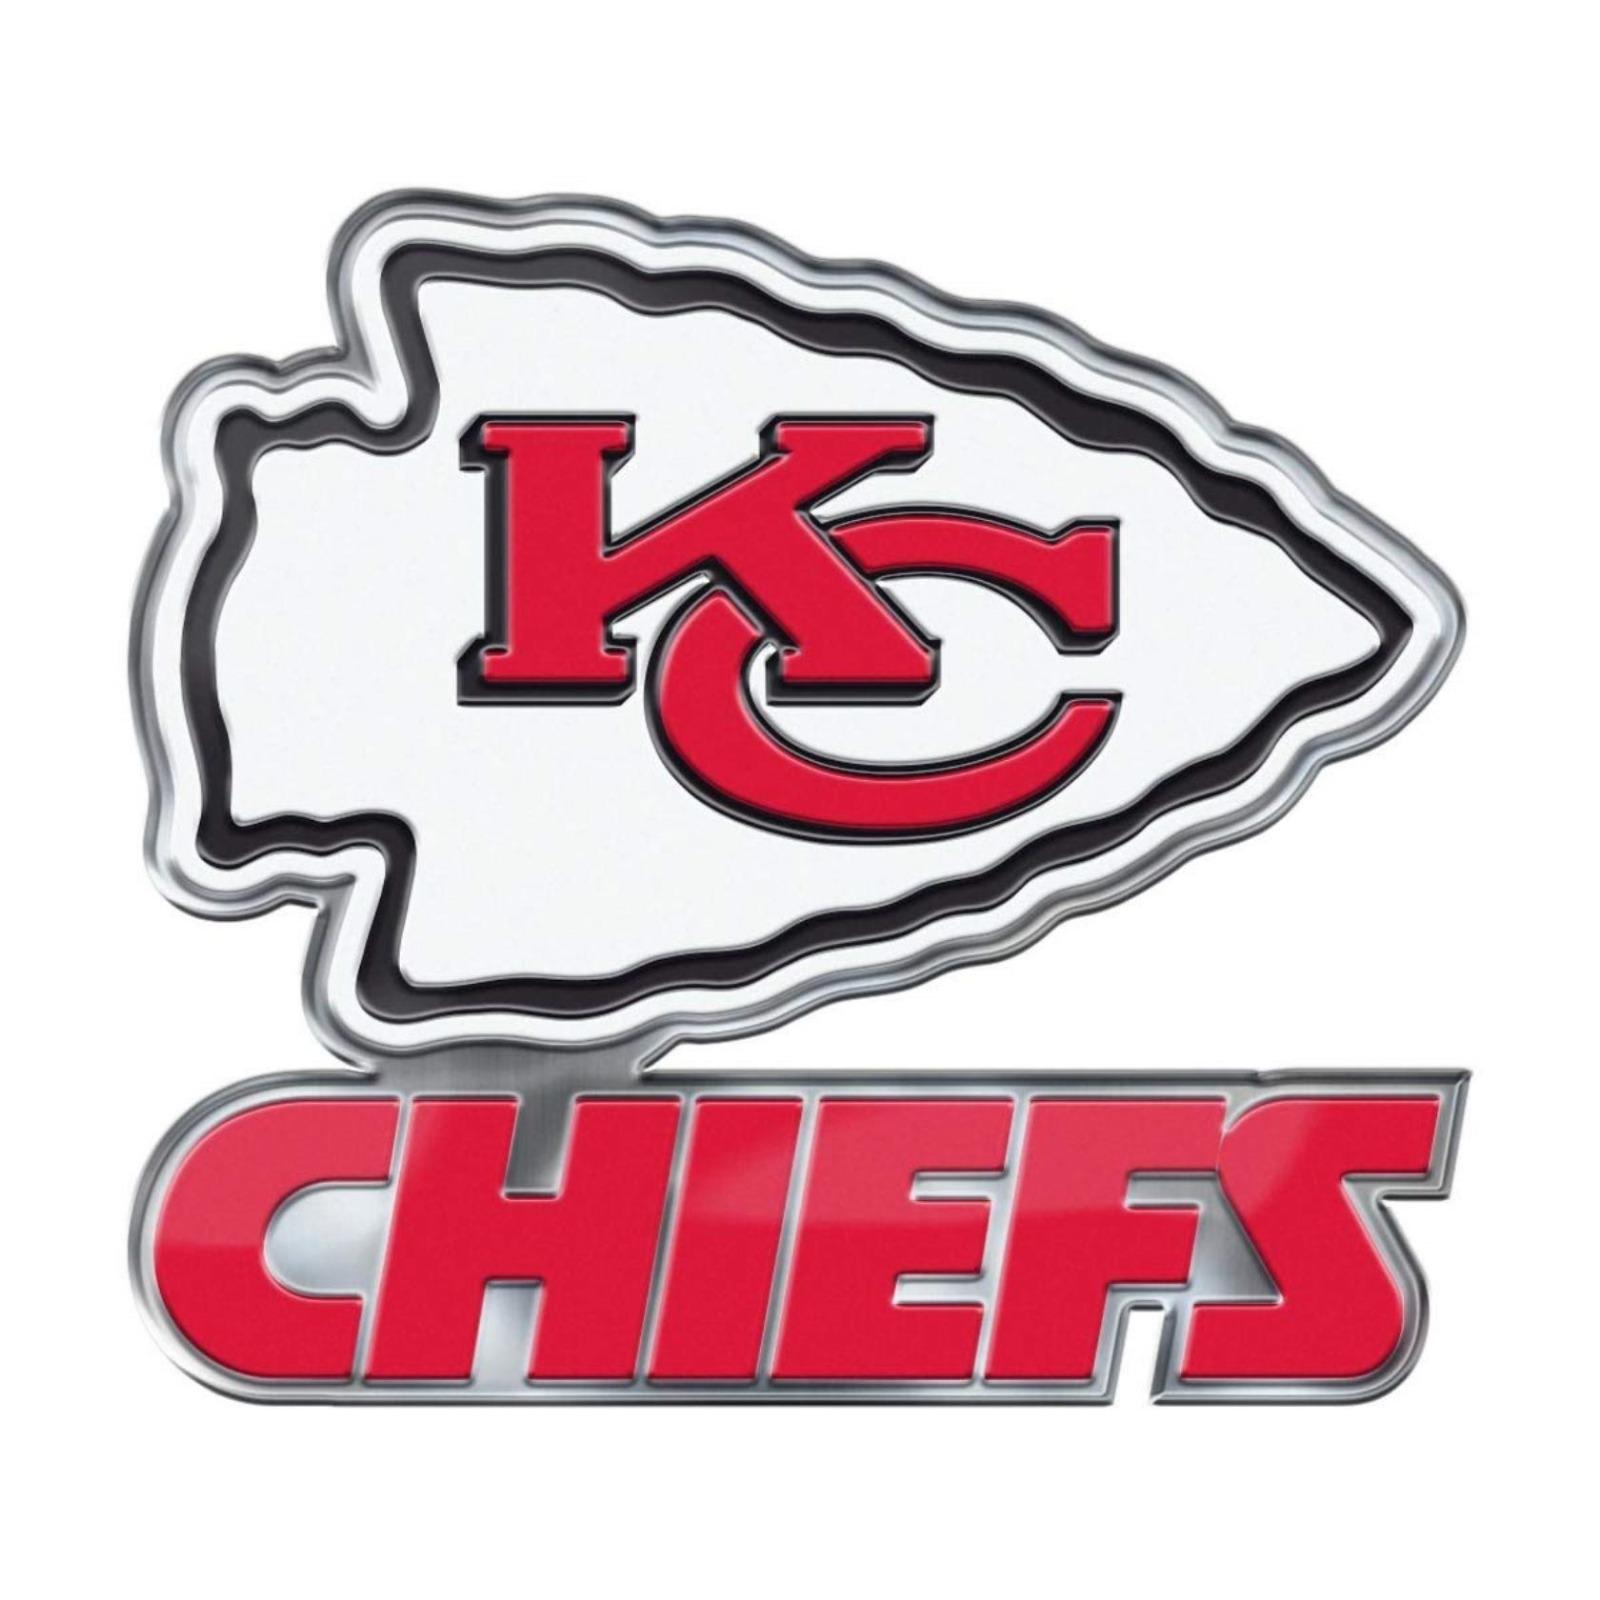 Kansas City Chiefs CE4 Alternate Logo Color Auto Emblem